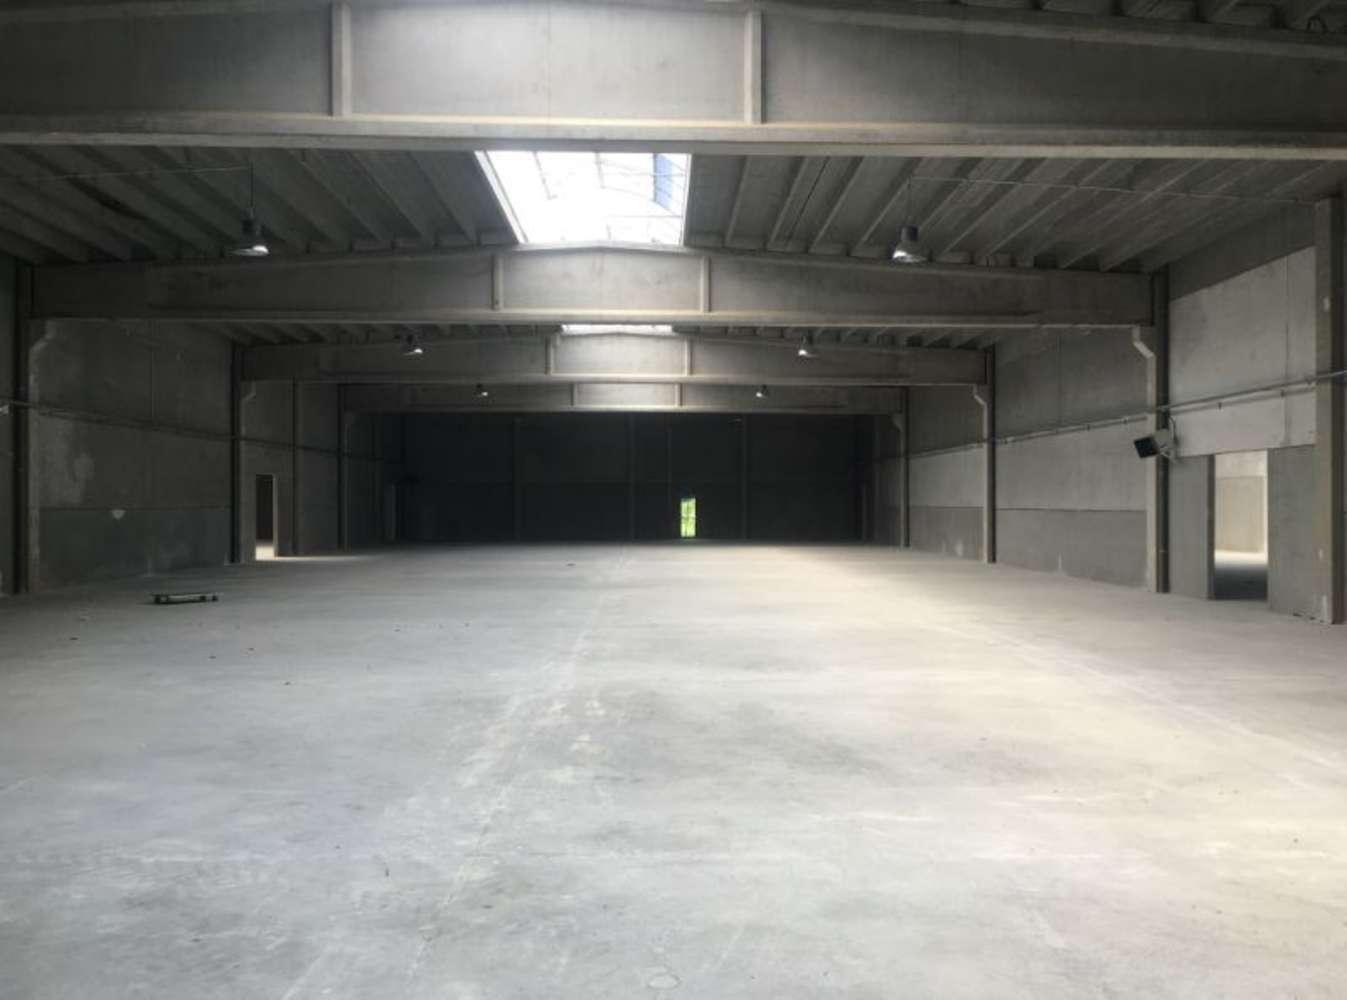 Activités/entrepôt Ferrieres en brie, 77164 - ZAC DU BEL AIR - 9461837